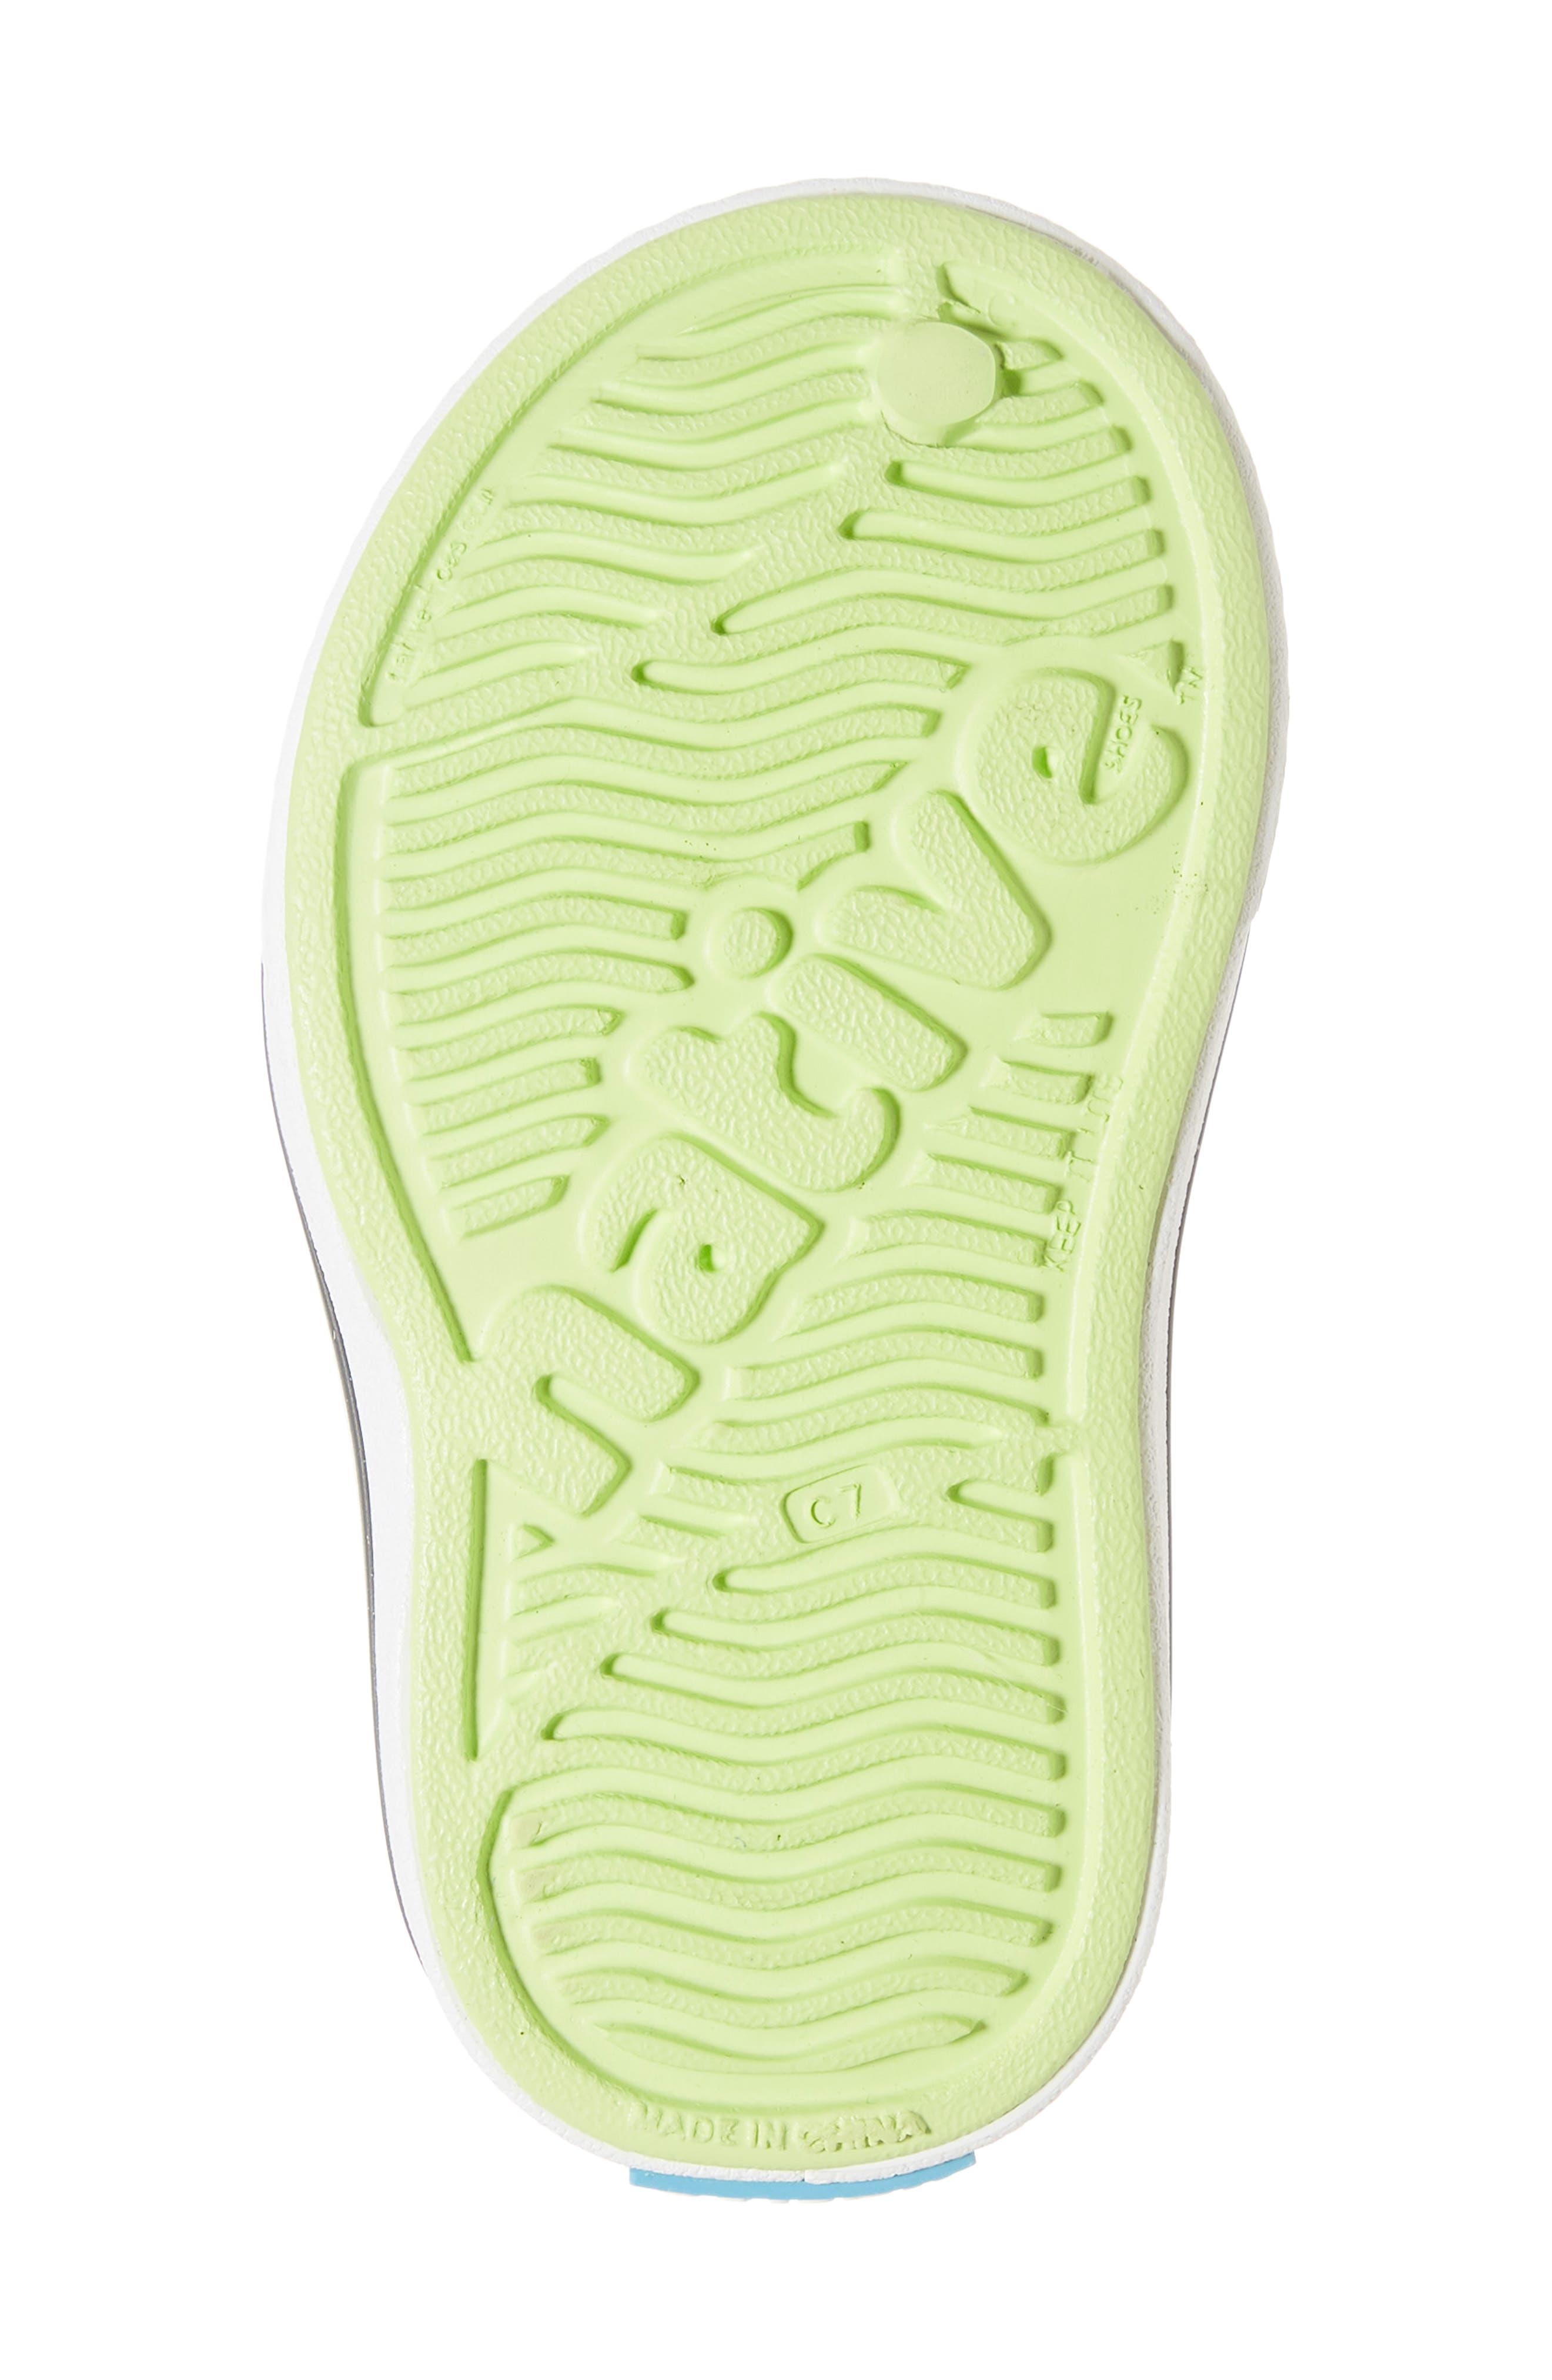 Miles Colorblock Slip-On Sneaker,                             Alternate thumbnail 6, color,                             SUNNY GREEN/ SHELL WHITE